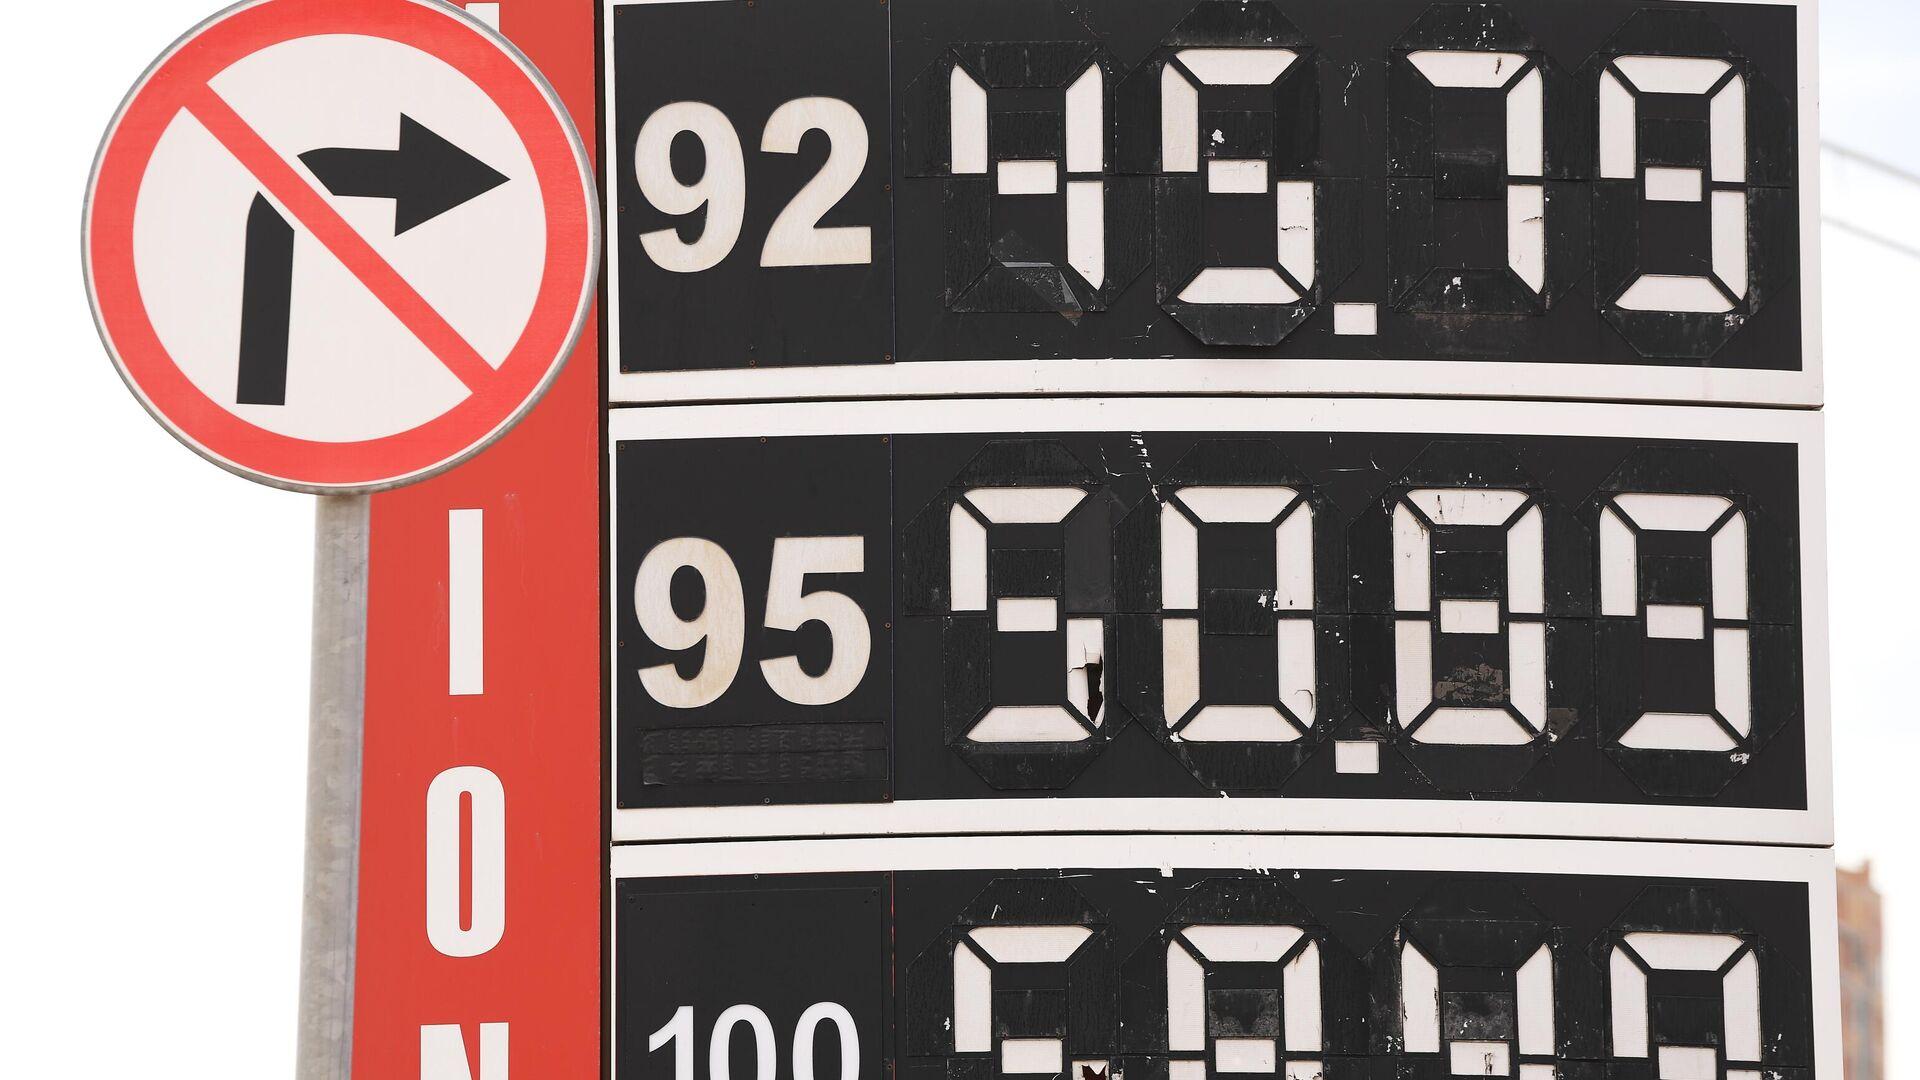 Цена на бензин в России с начала года выросла более чем на 5%